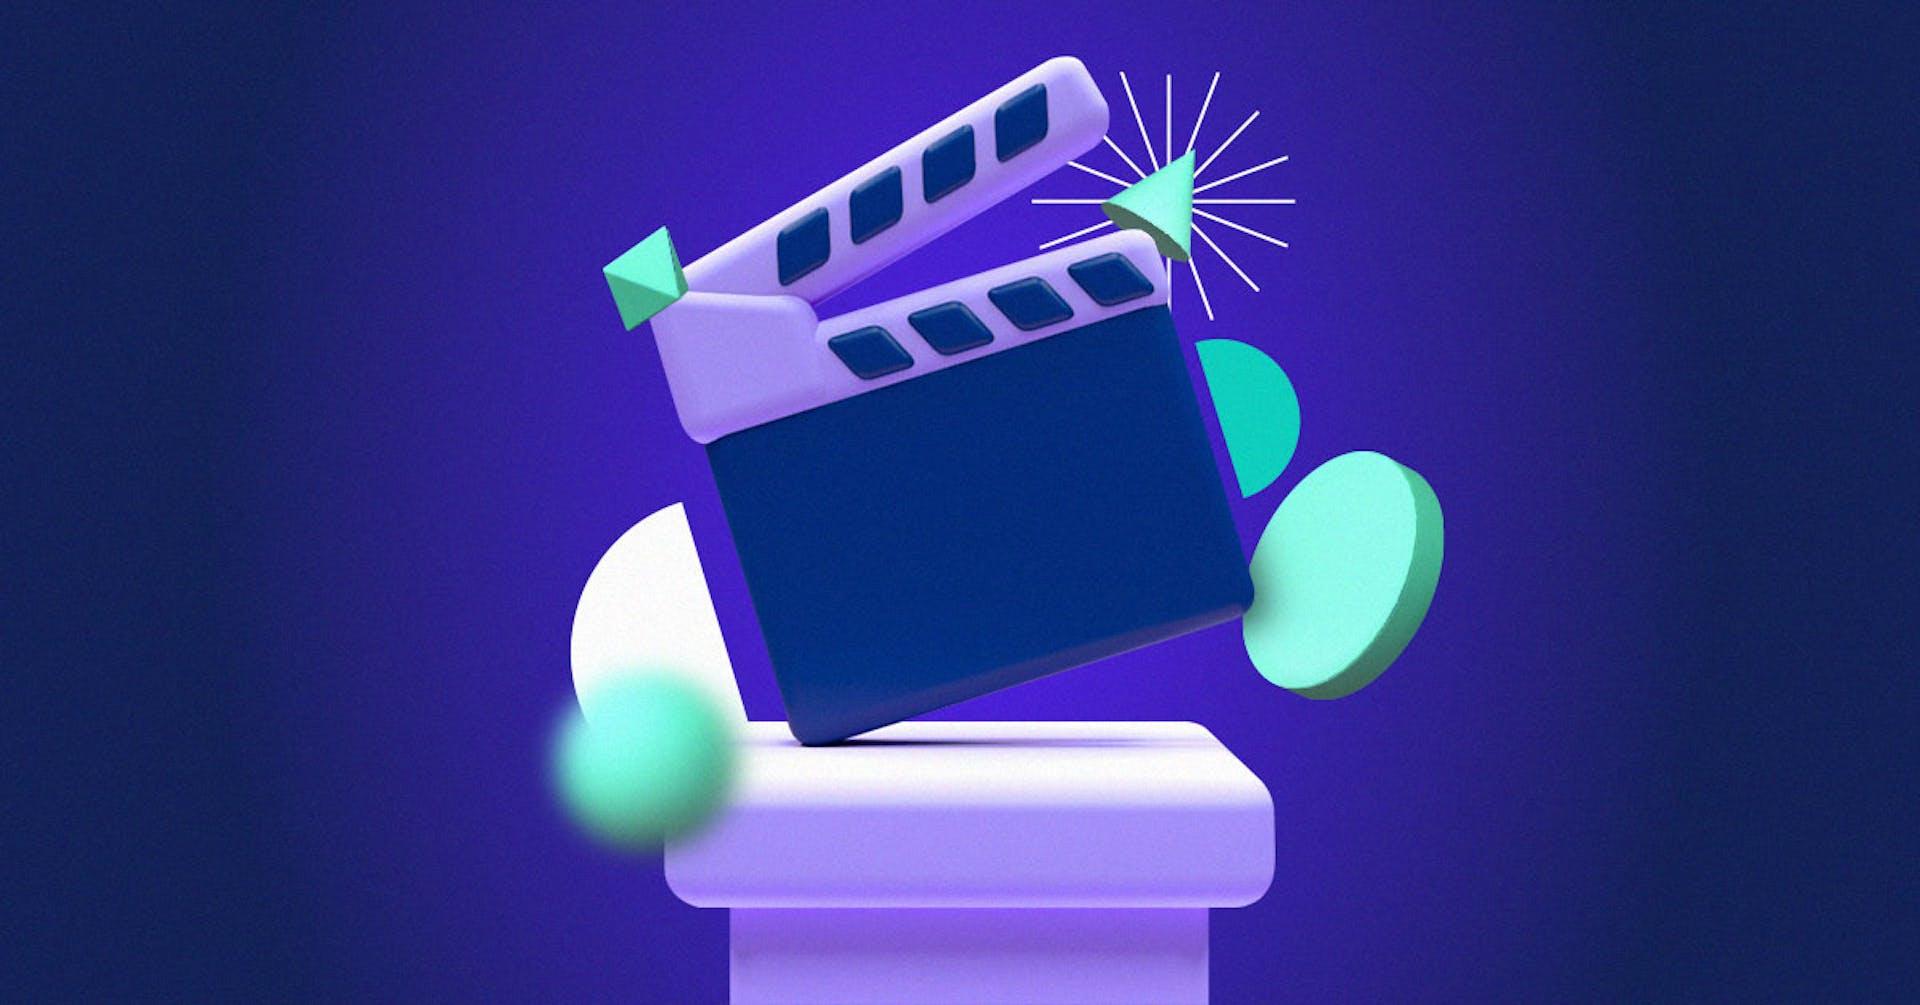 Descubre las etapas de la producción audiovisual y aprende a organizar tu proyecto cinematográfico